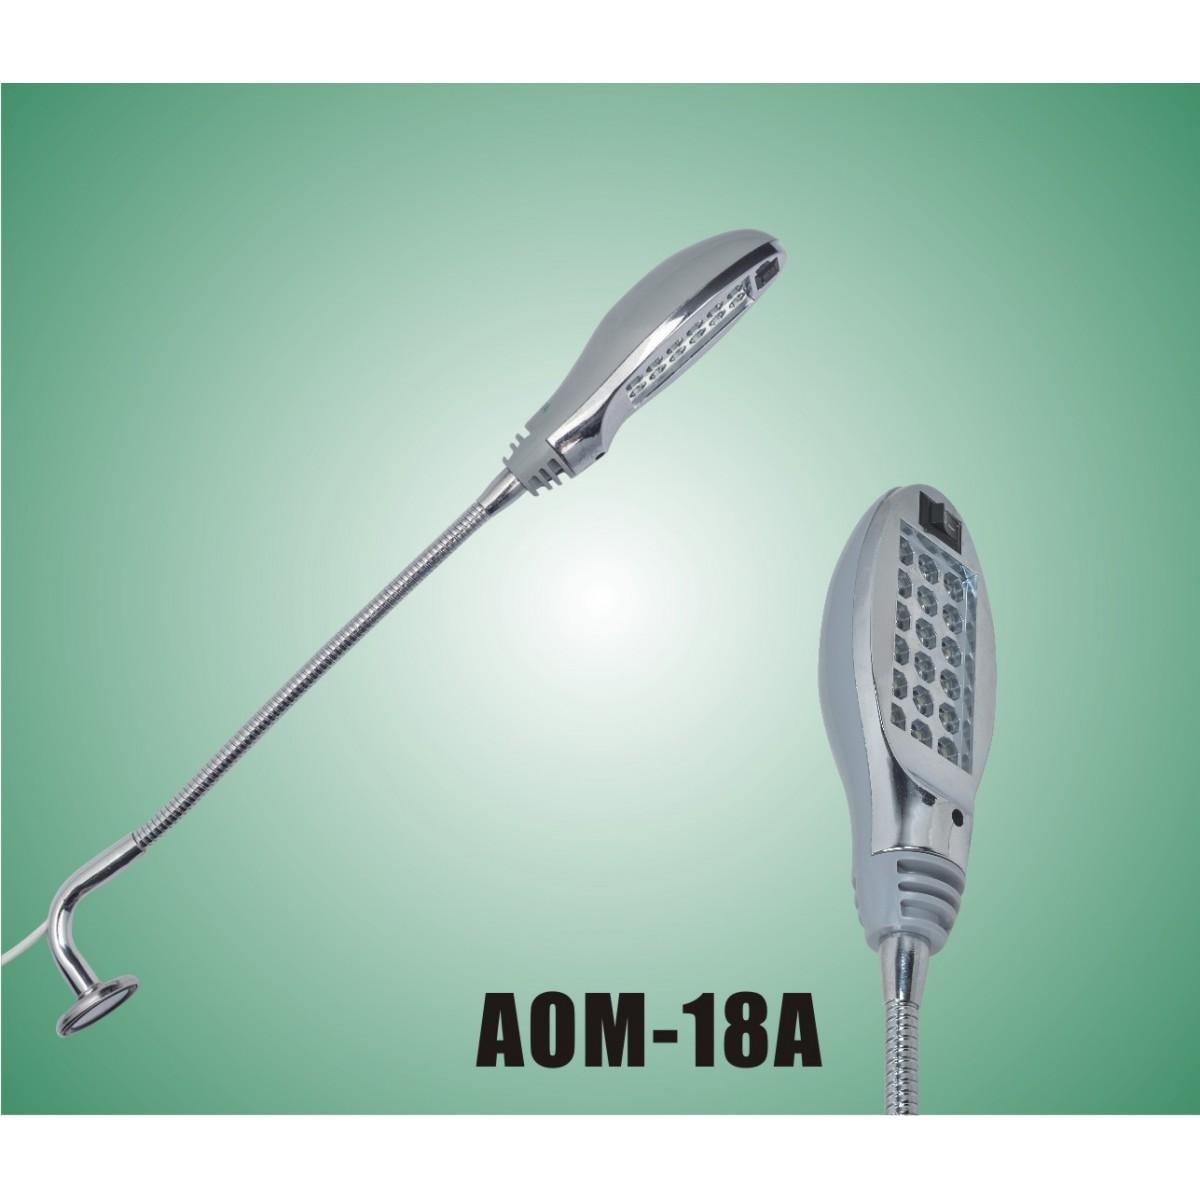 Luminária 18 Leds com imã e chave de ligação